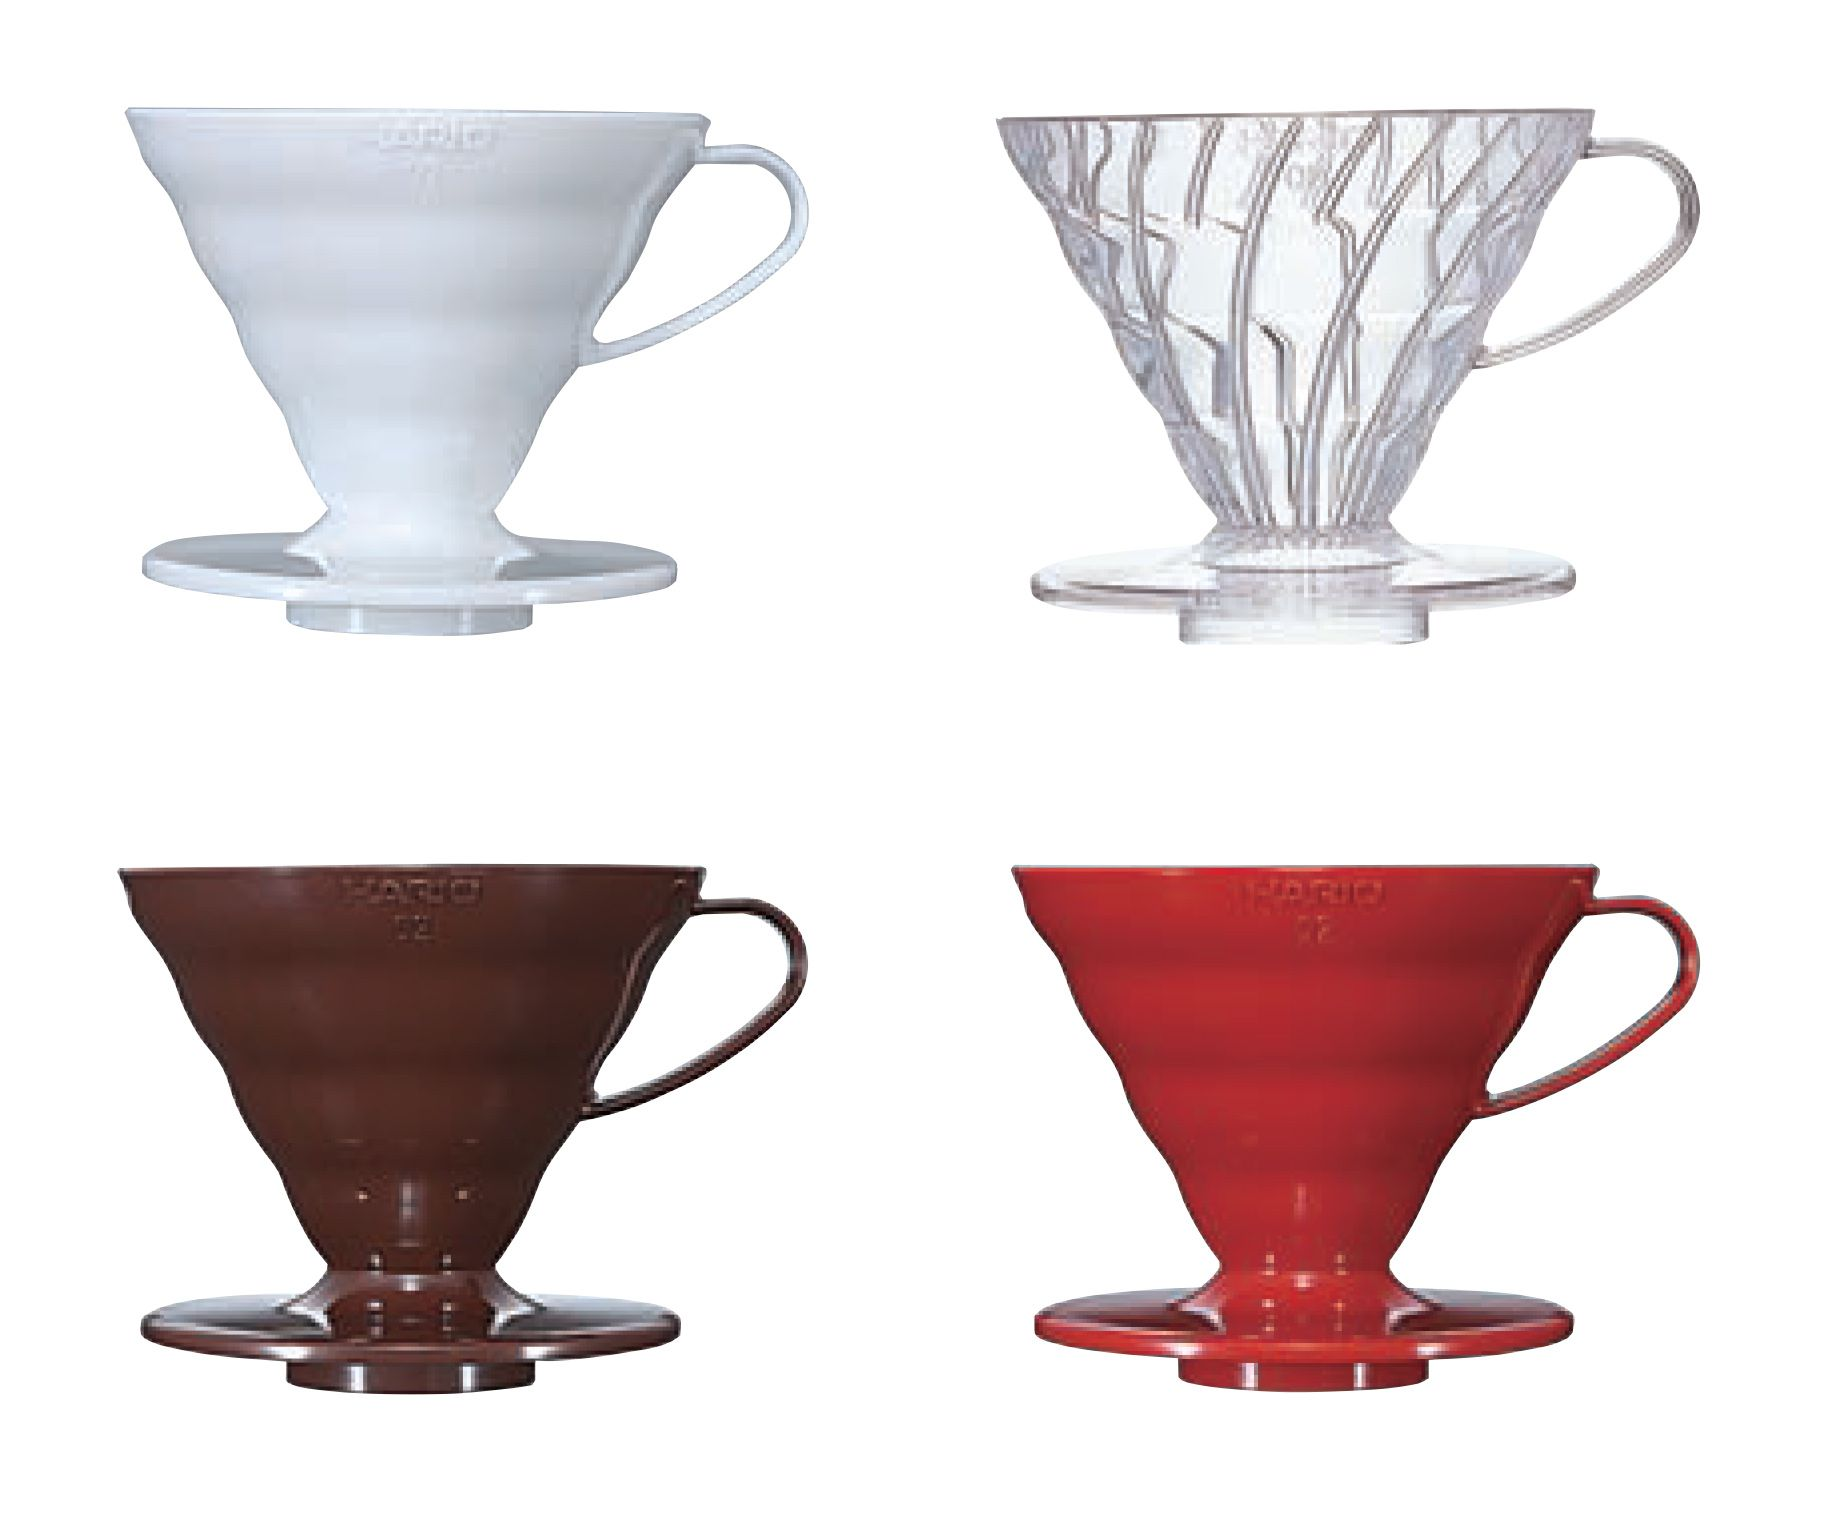 Suporte acrilico p/ café Hario V60 Tam 2 Méd Marrom - VD-02CBR